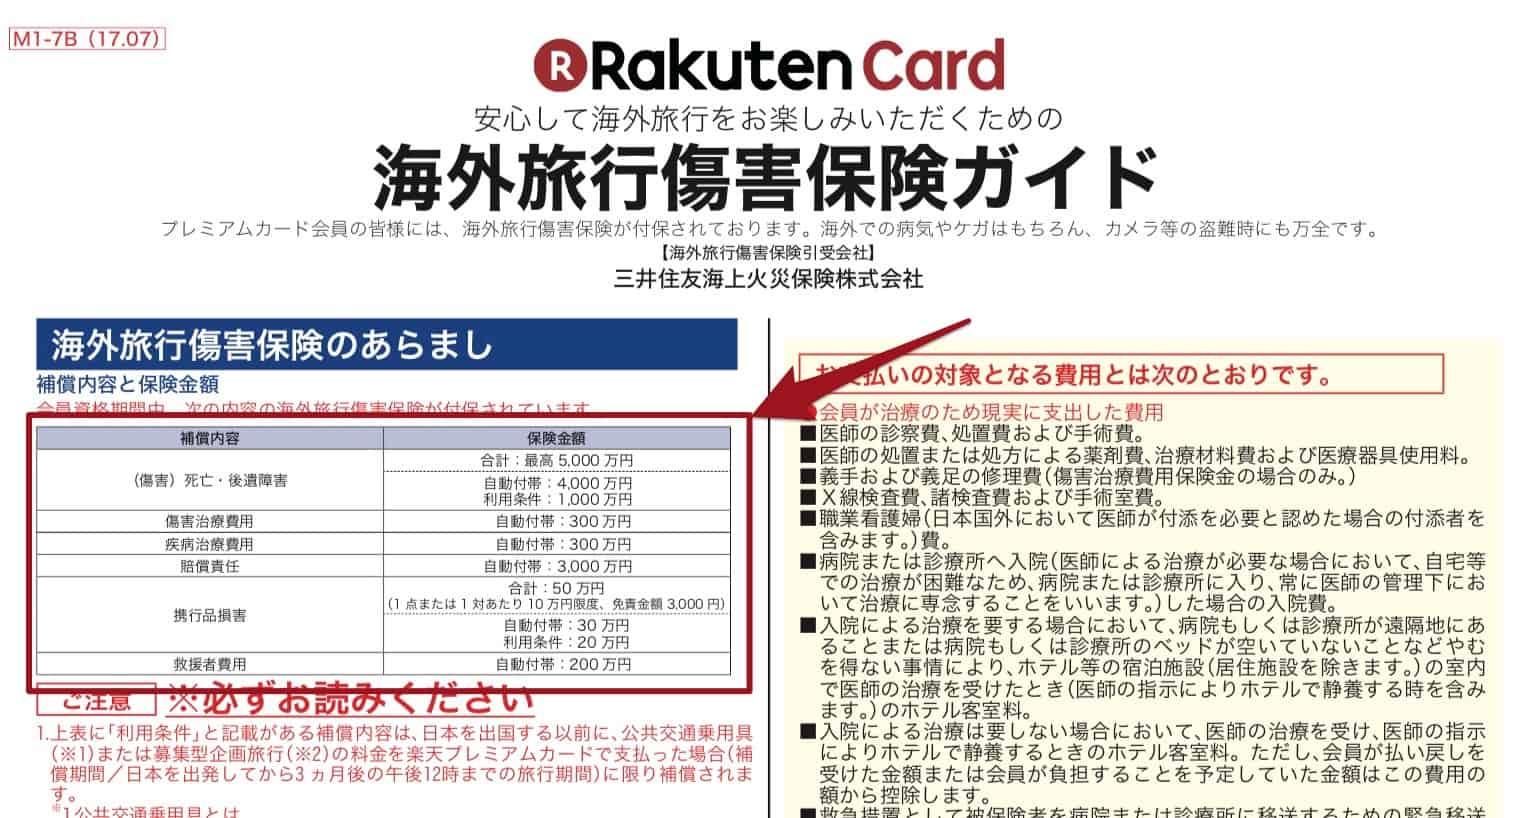 楽天プレミアムカードの海外旅行保険補償内容